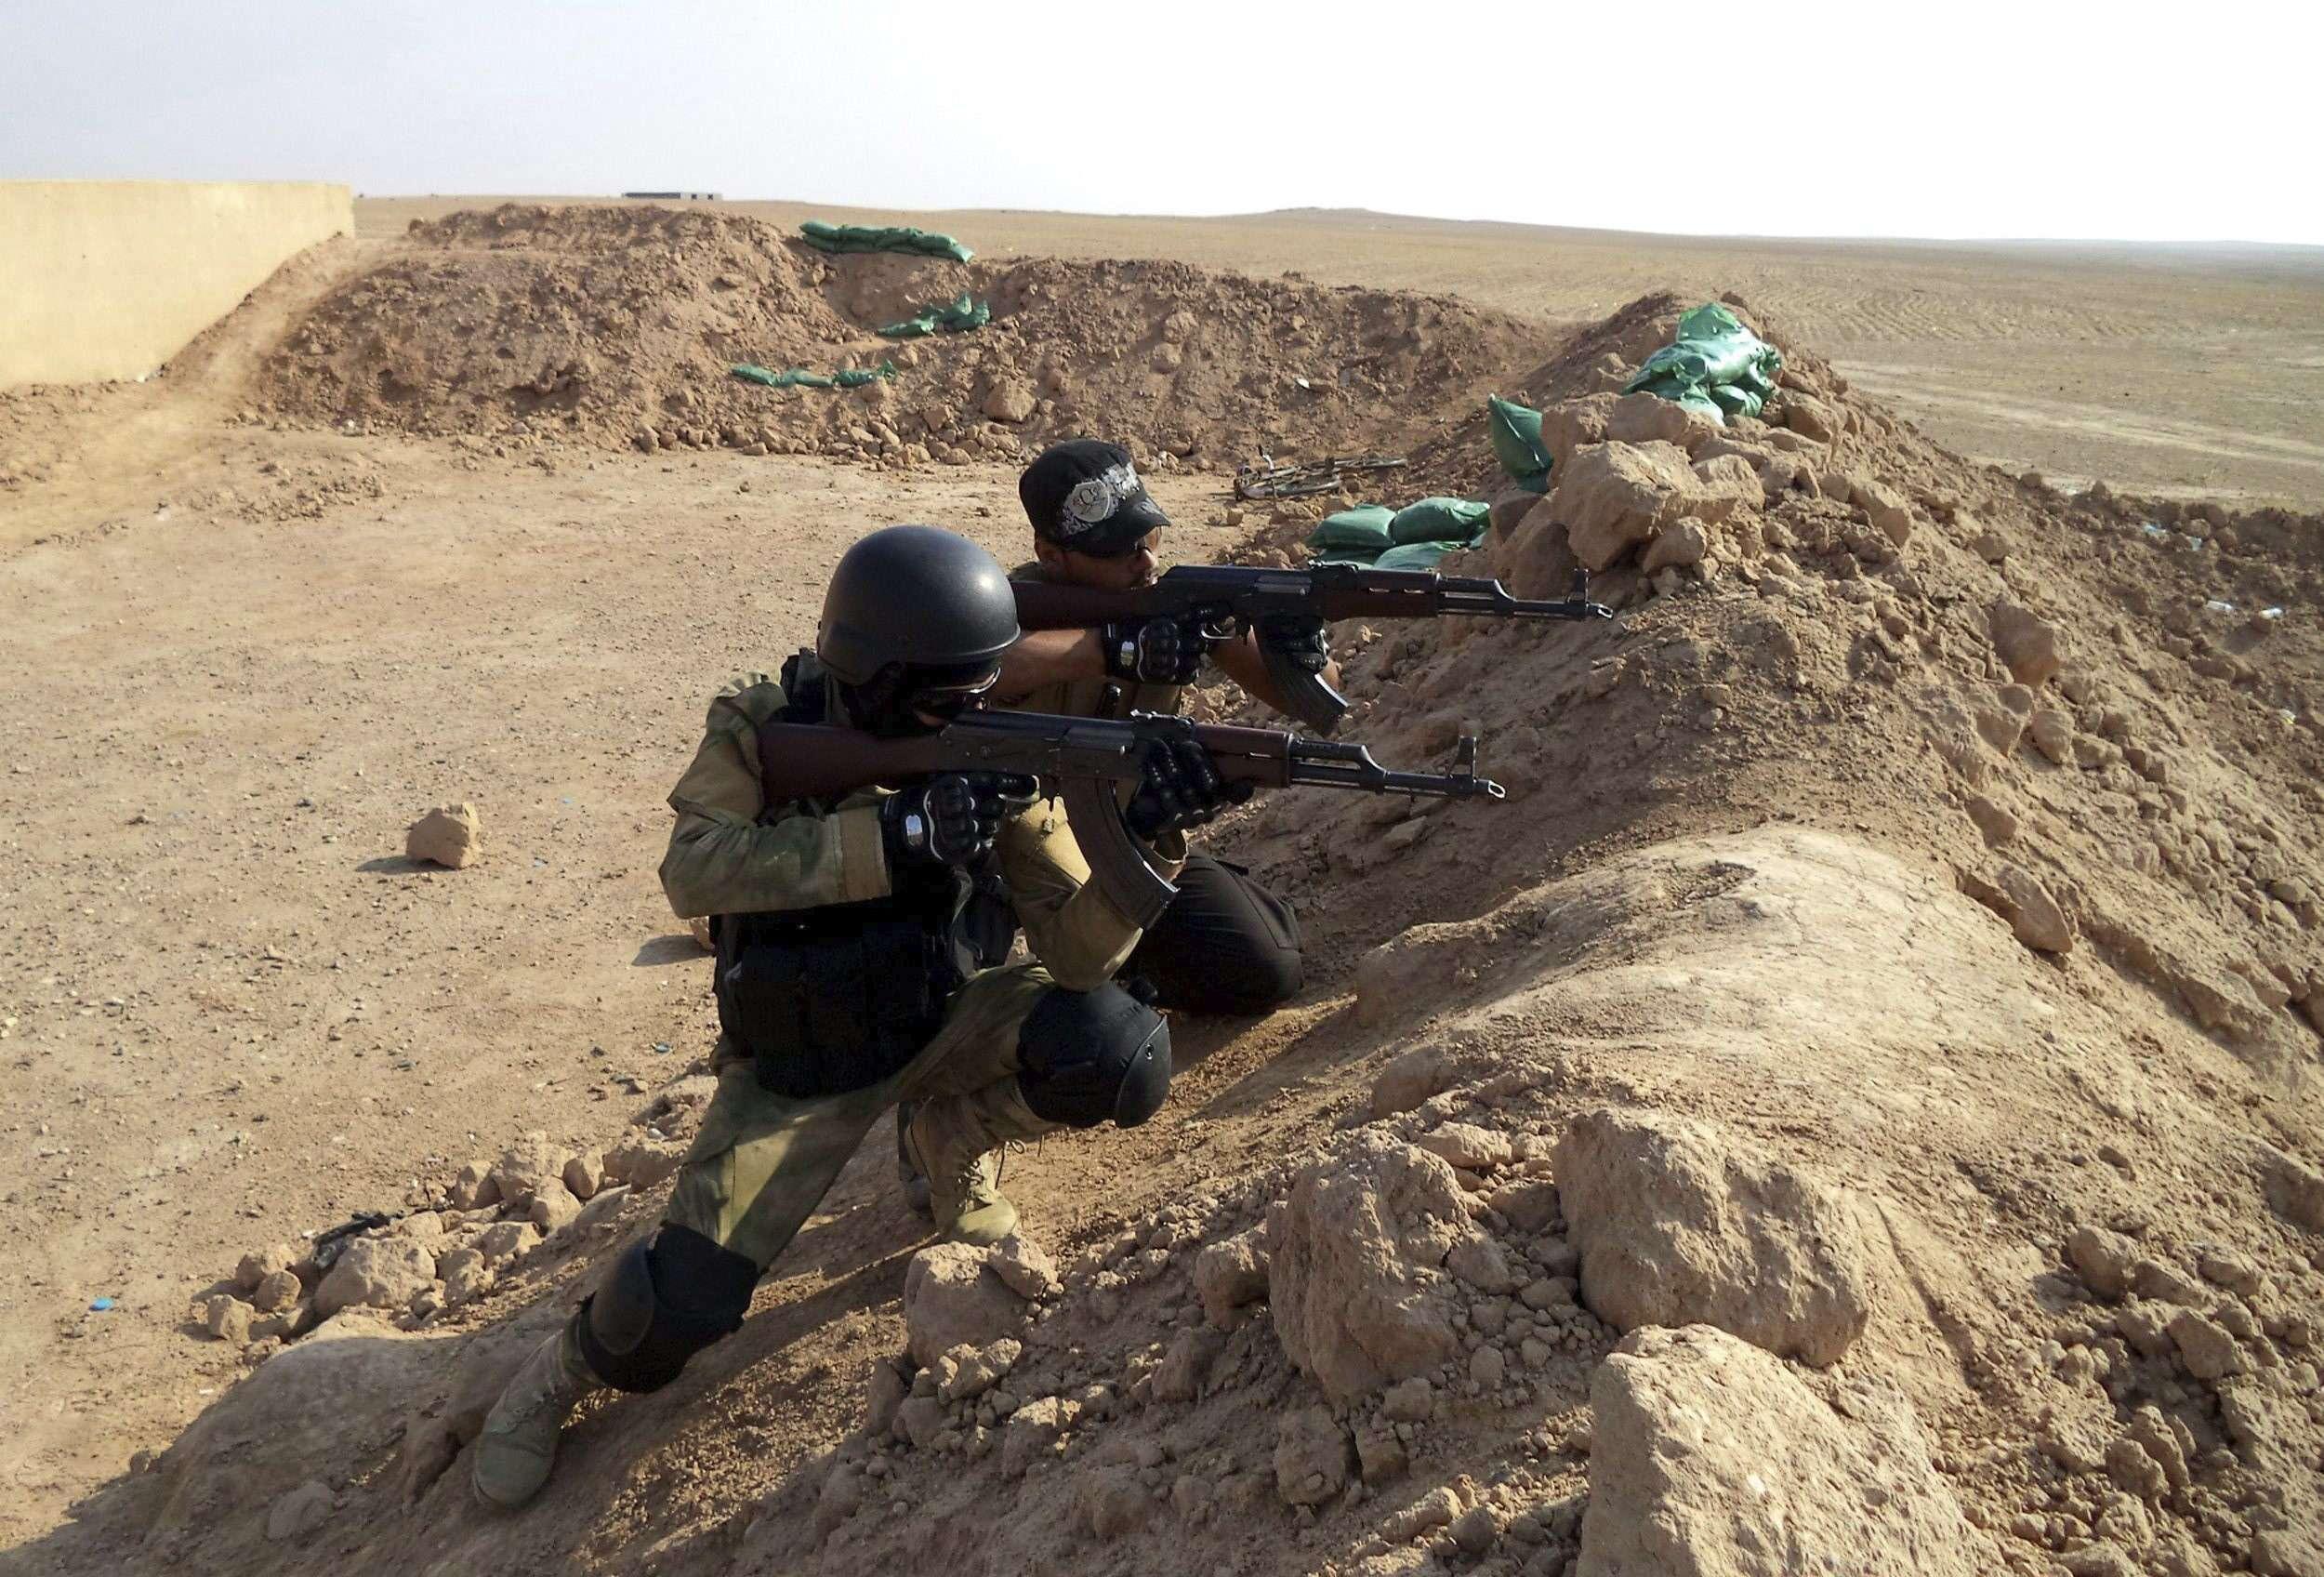 Fotografía facilitada el 21 de noviembre que muestra a dos miembros de la milicia iraquí chií al-Abbas, que lucha junto a las fuerzas iraquíes para combatir contra el grupo yihadista Estado Islámico (EI), mientras toman posiciones en Tikrit, Irak, el 20 de noviembre de 2014. Foto: EFE en español